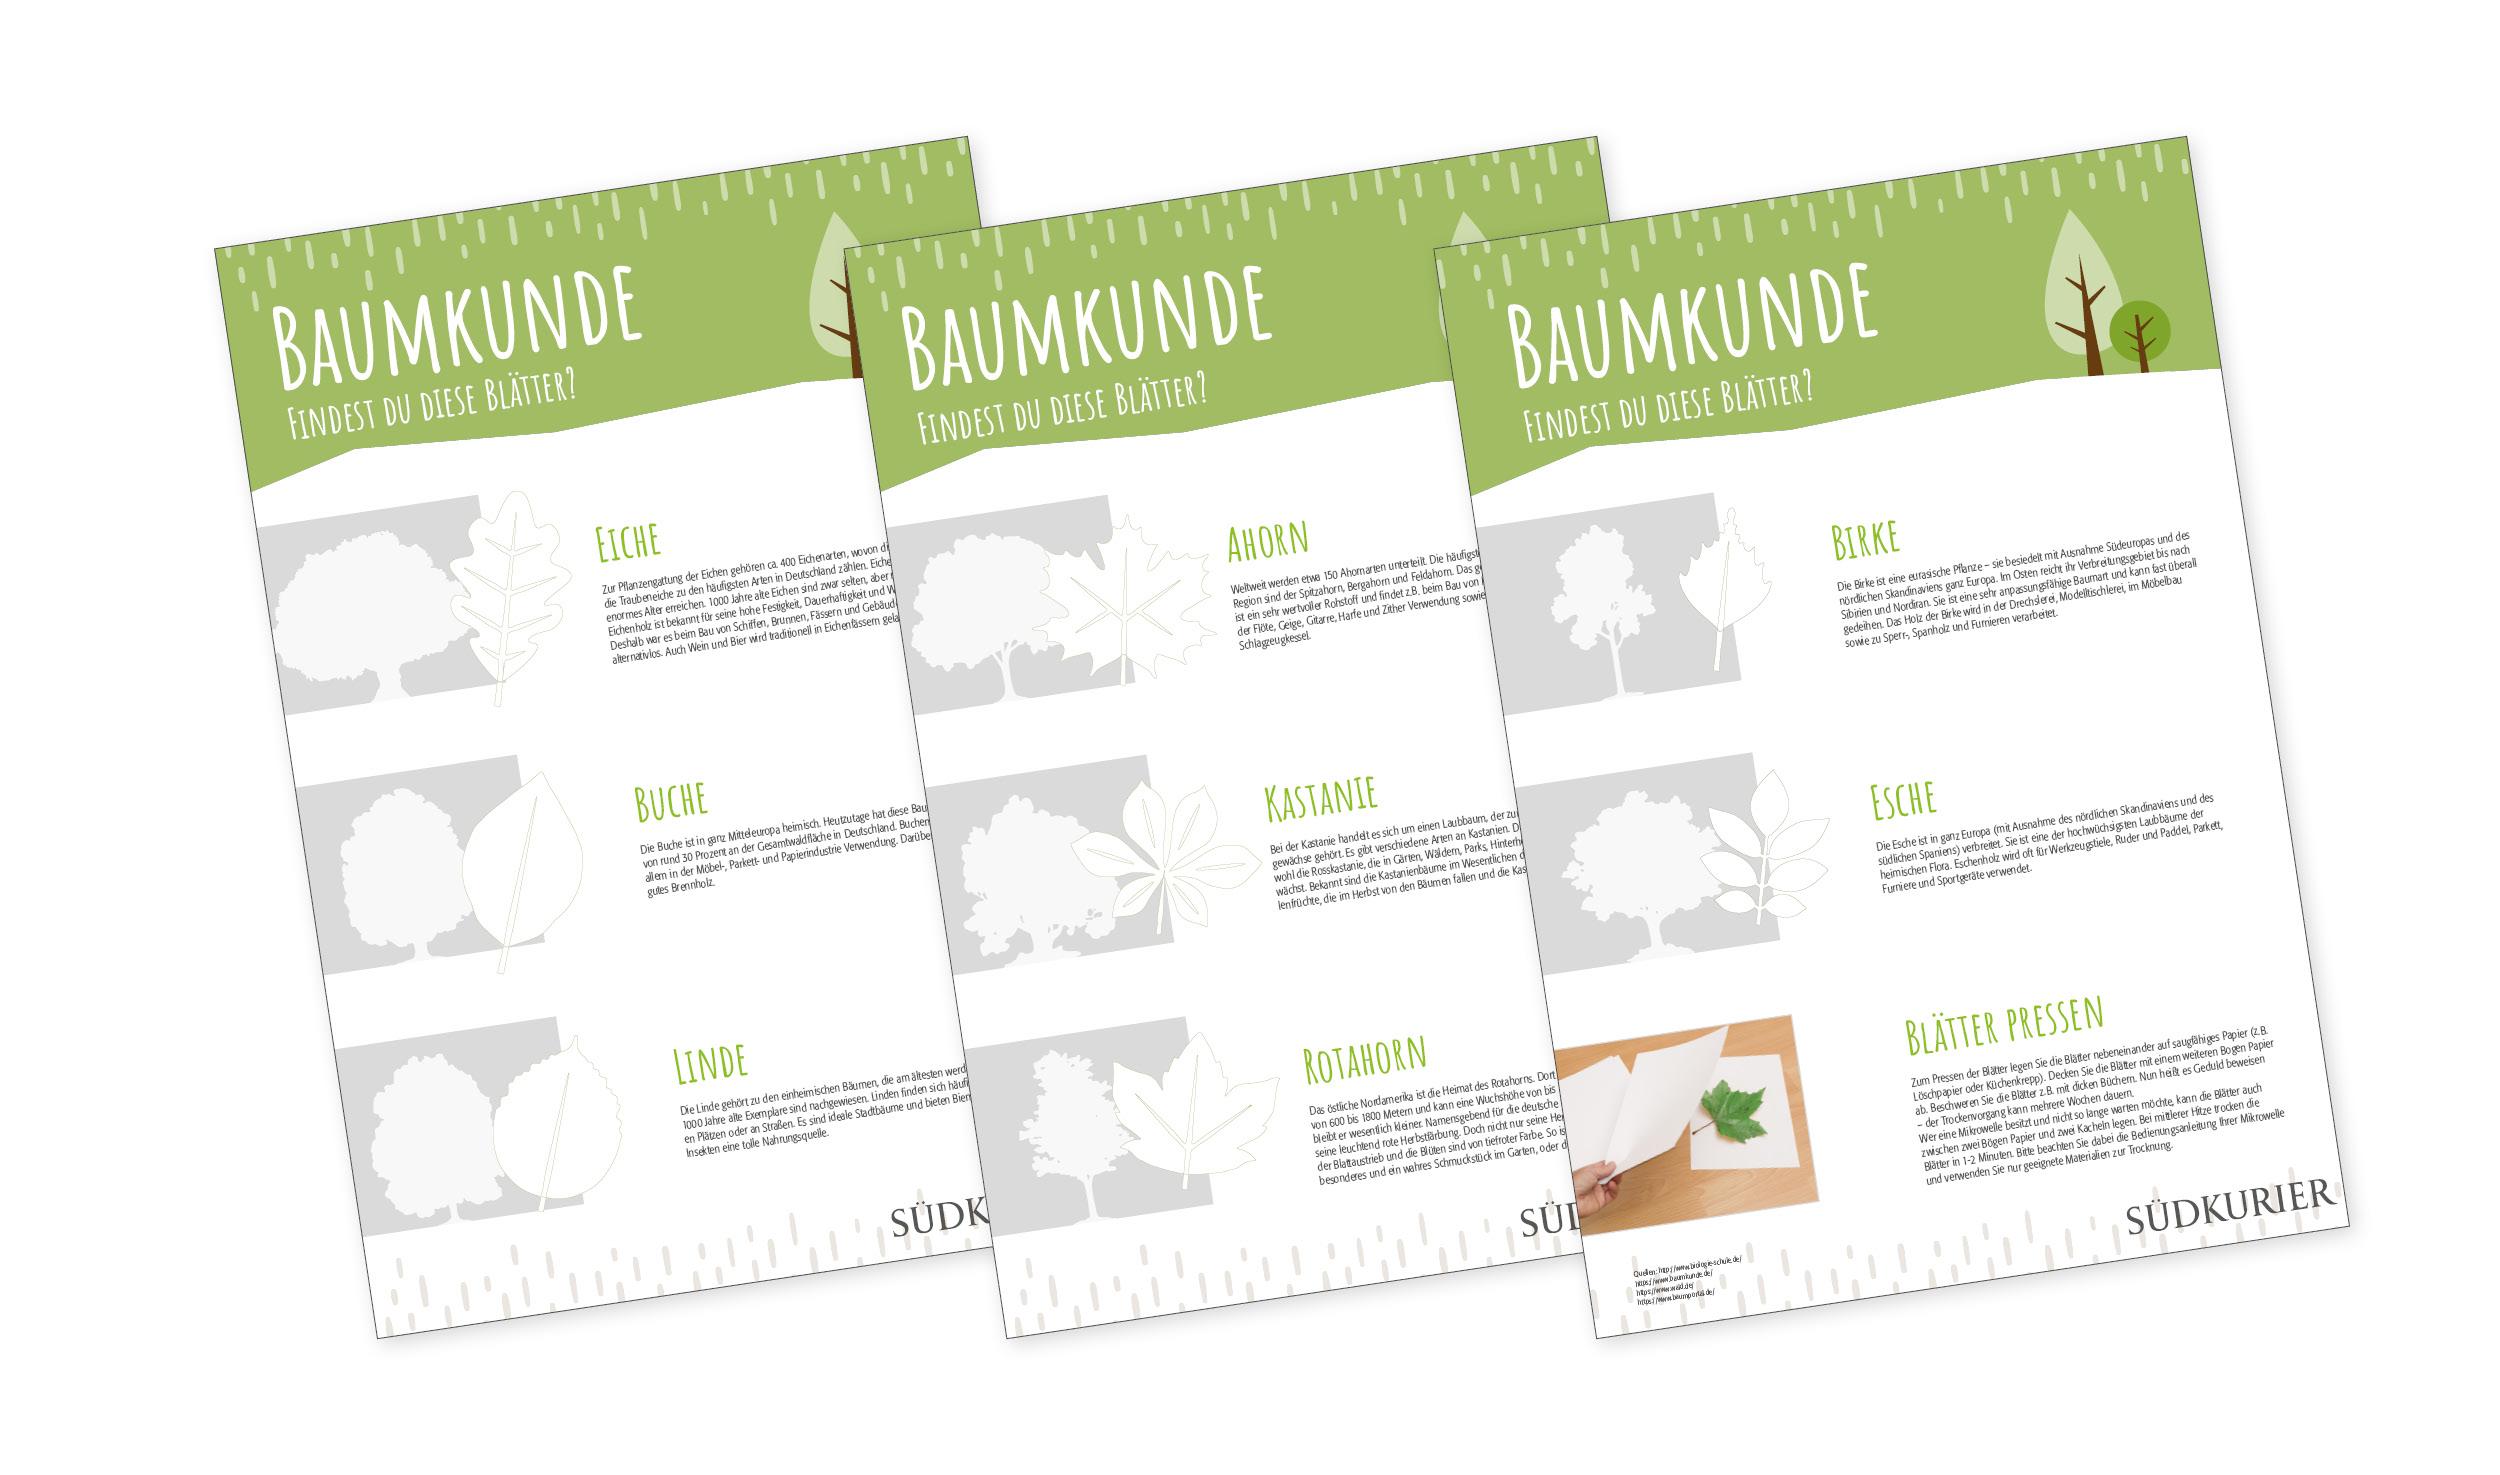 SK_Ideenbox_Baumkunde